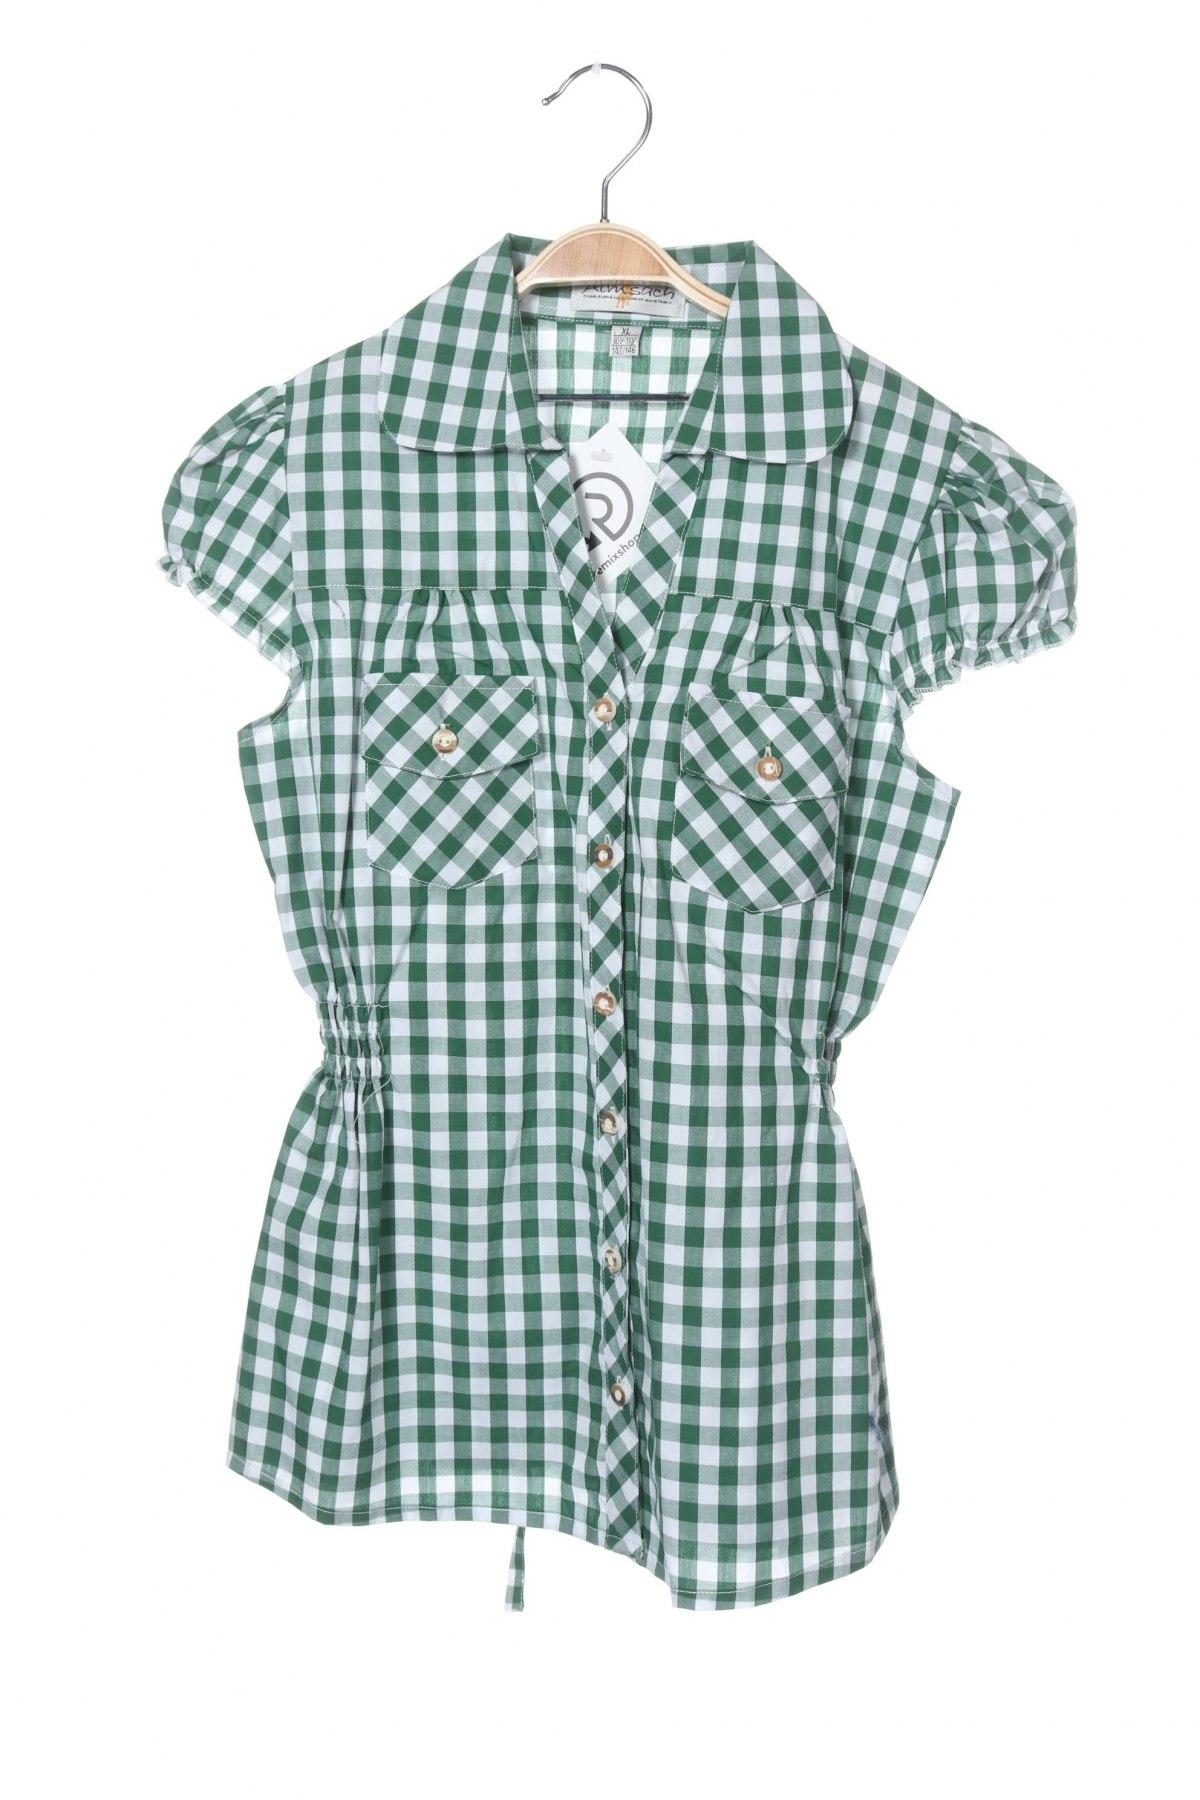 Παιδικό πουκάμισο Almsach, Μέγεθος 9-10y/ 140-146 εκ., Χρώμα Πράσινο, Βαμβάκι, Τιμή 5,26€